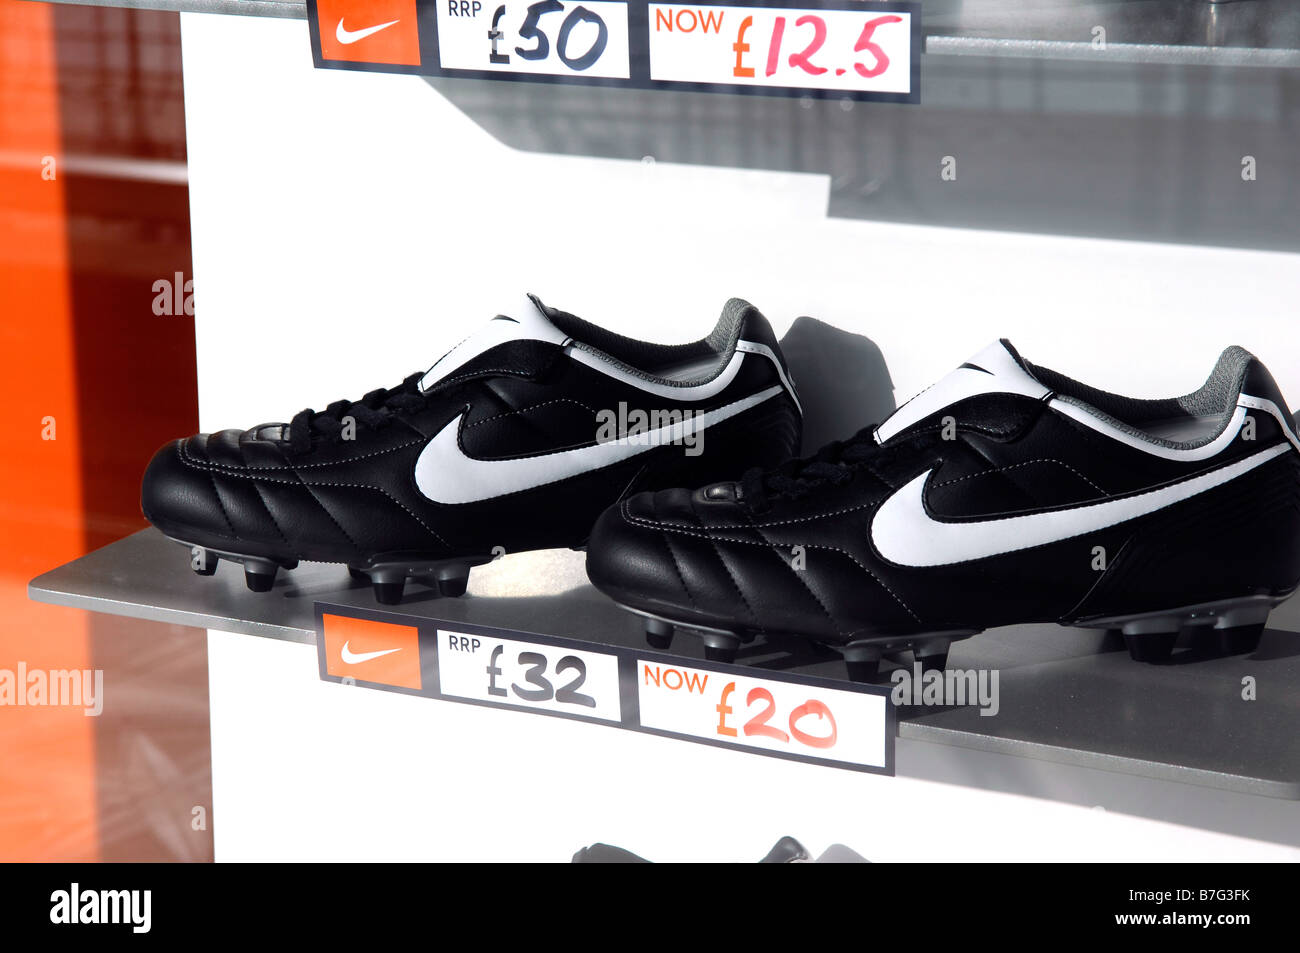 Botas de fútbol nike calzado zapatos de fútbol ventana pantalla reducida  compañía americana moda retail tienda niketown 4b09e31cb662f